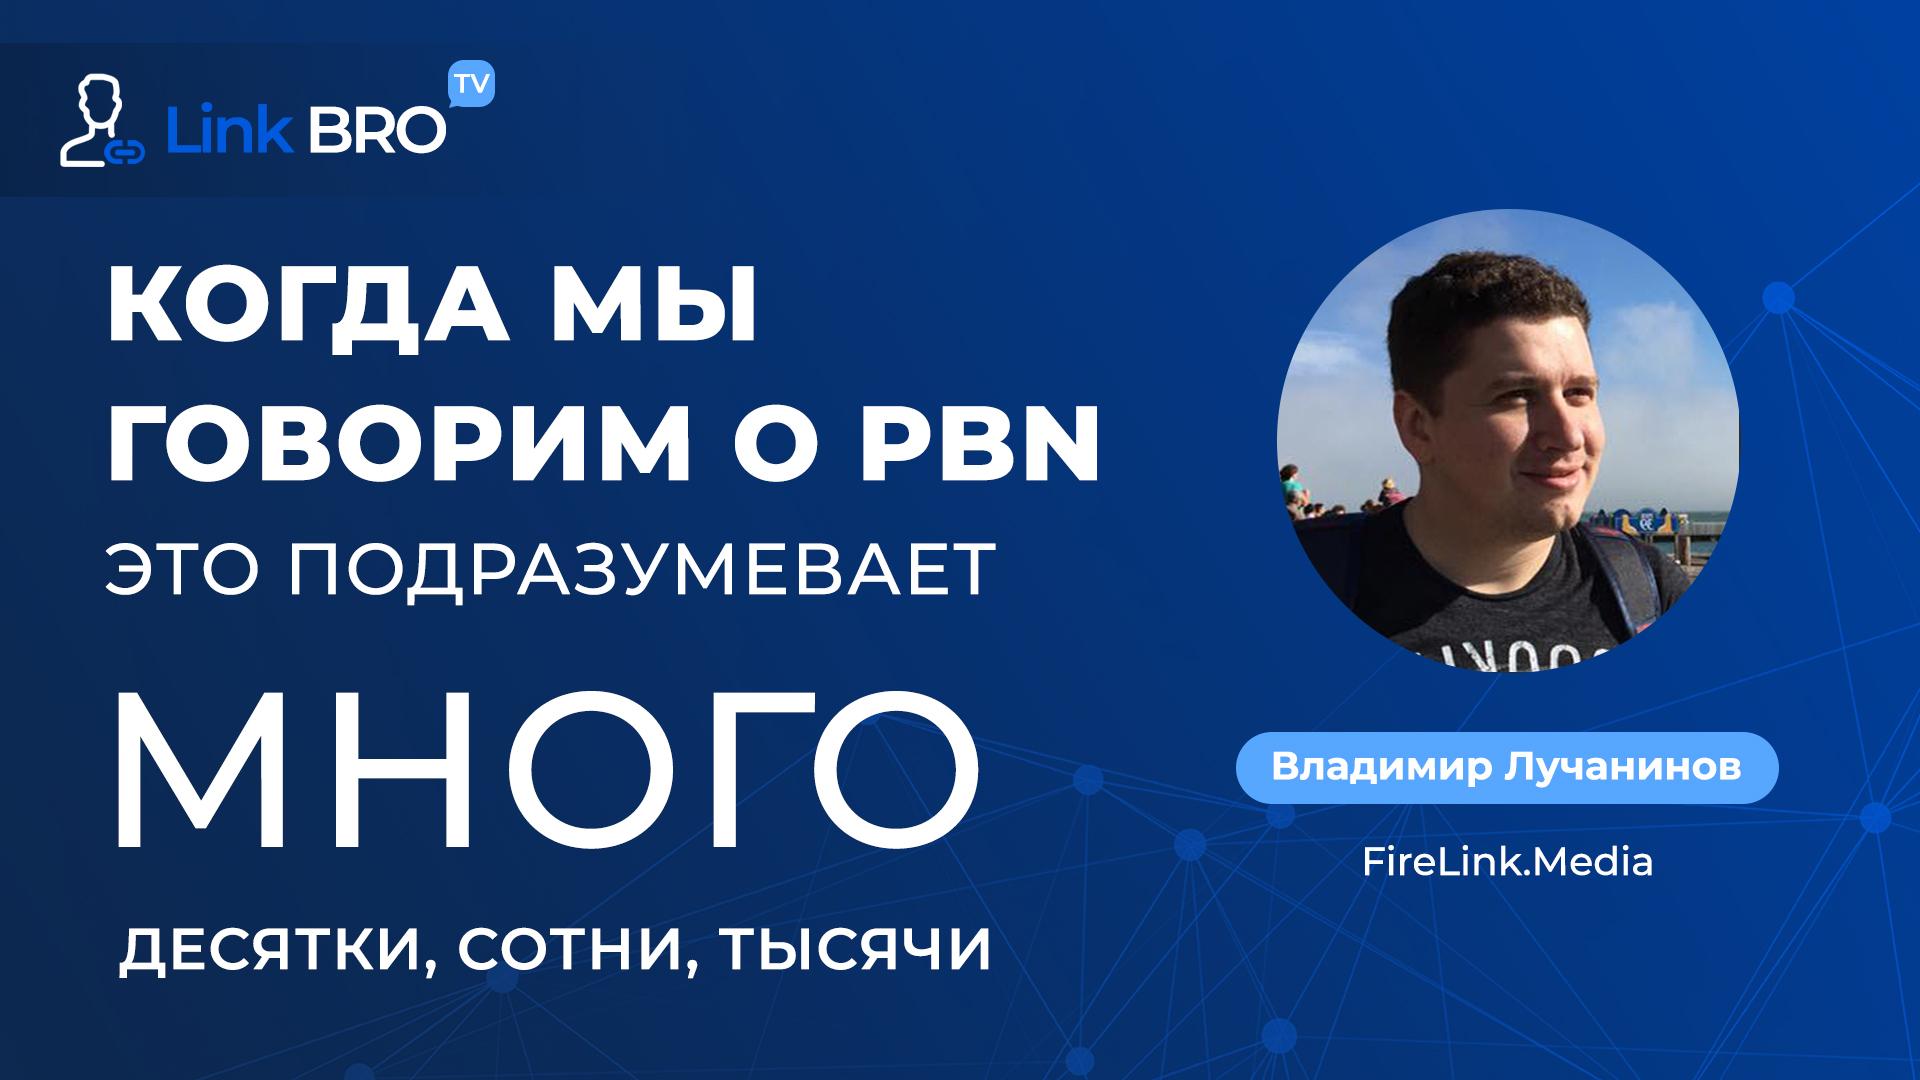 Владимир Лучанинов (FireLink.Media) - интервью про SEO и построение PBN